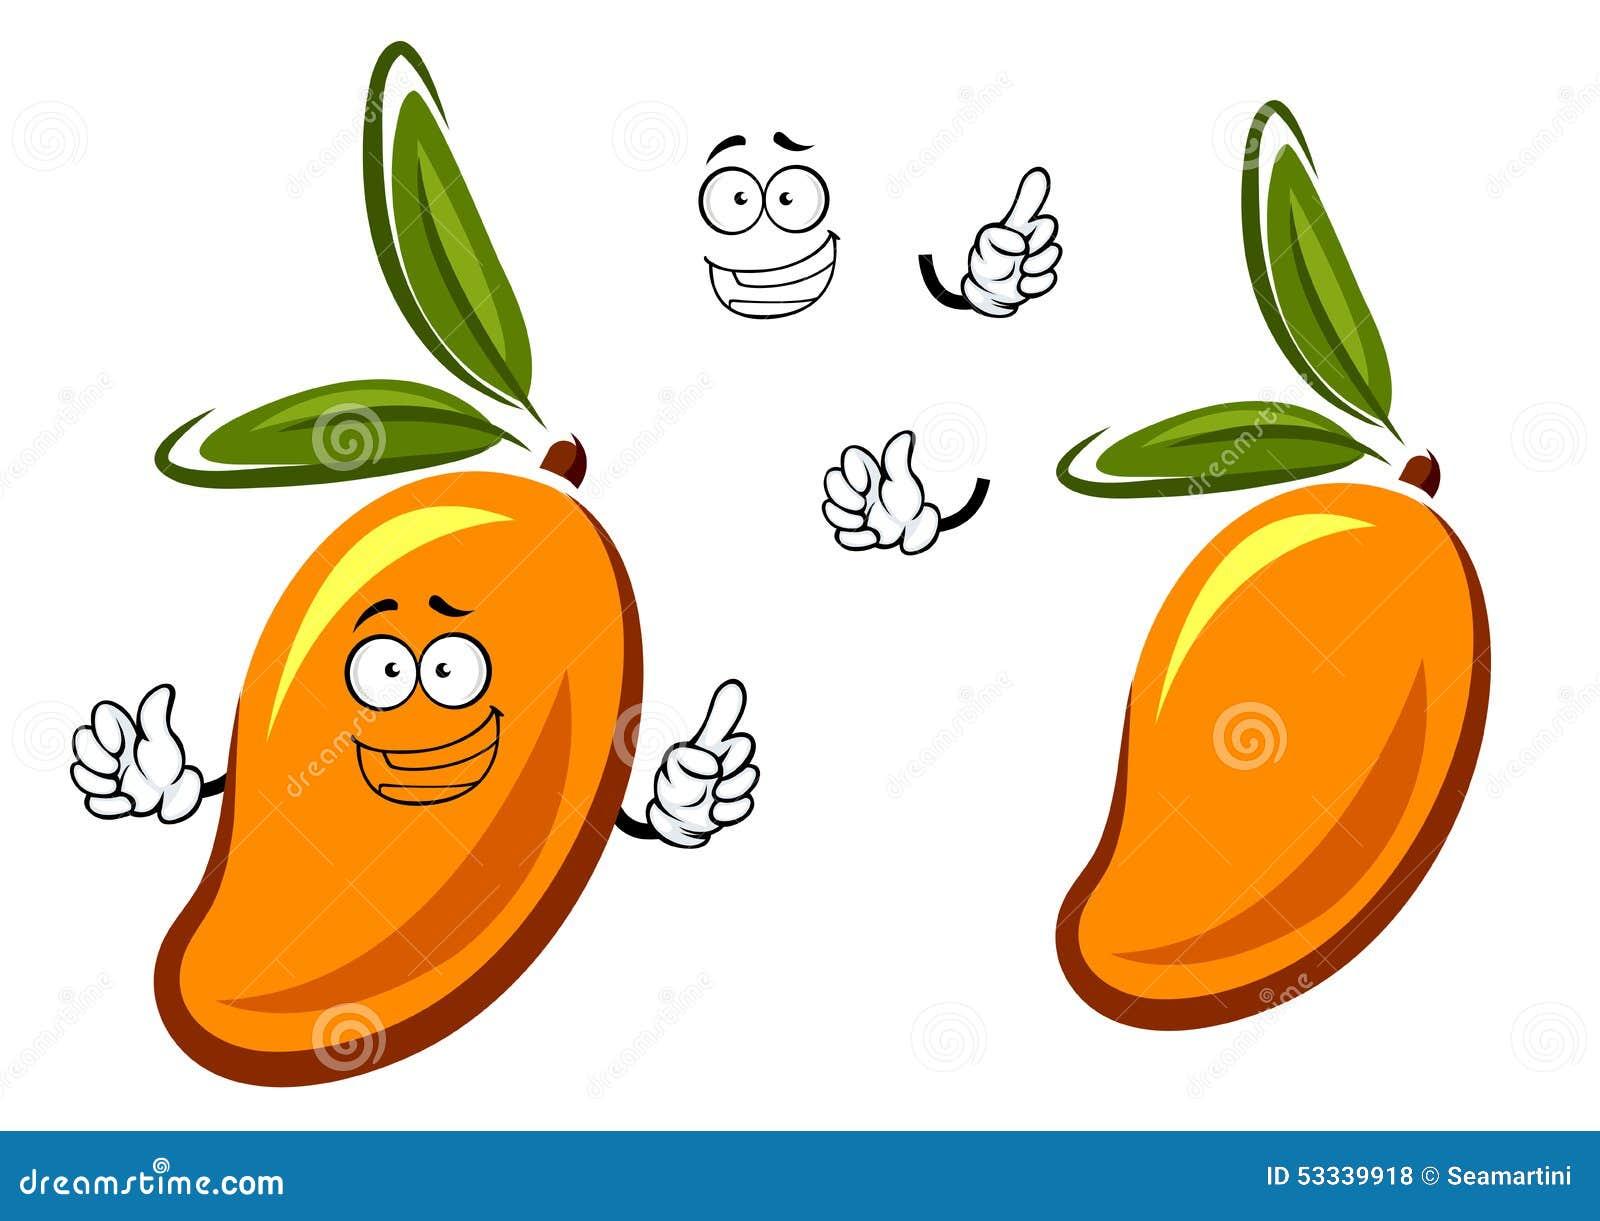 personaje de dibujos animados de la fruta del mango de la naranja